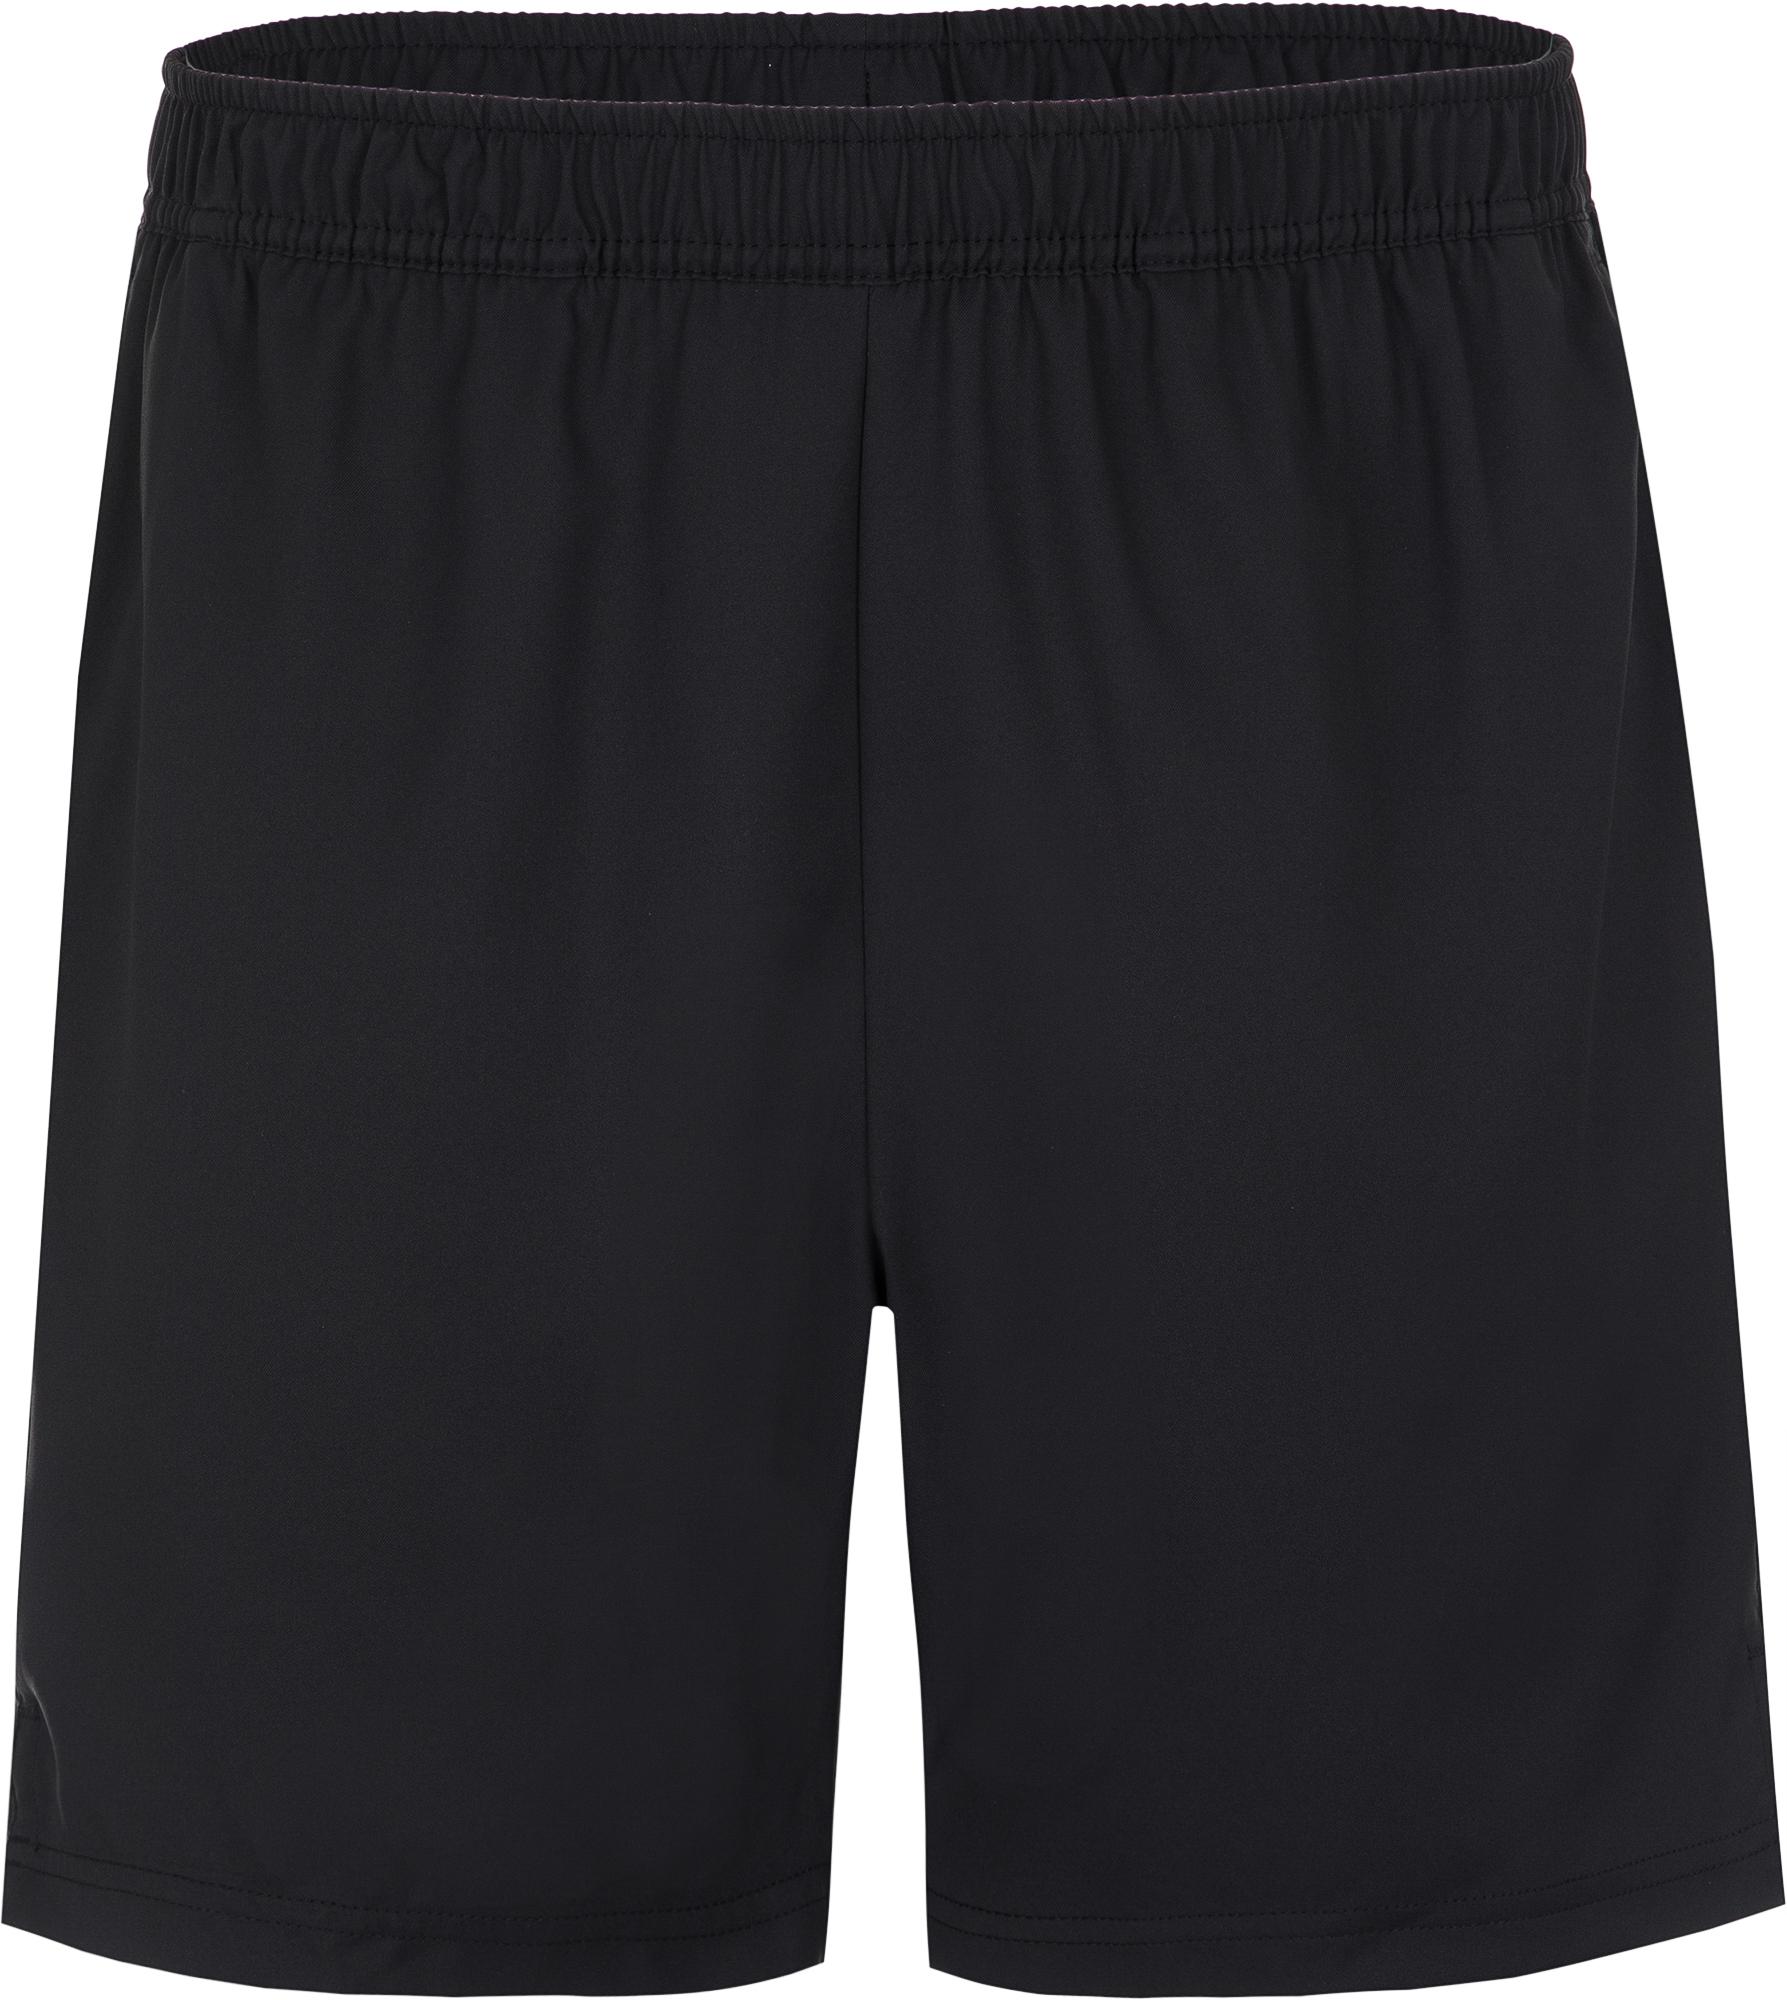 где купить Nike Шорты мужские Nike Dry, размер 44-46 дешево